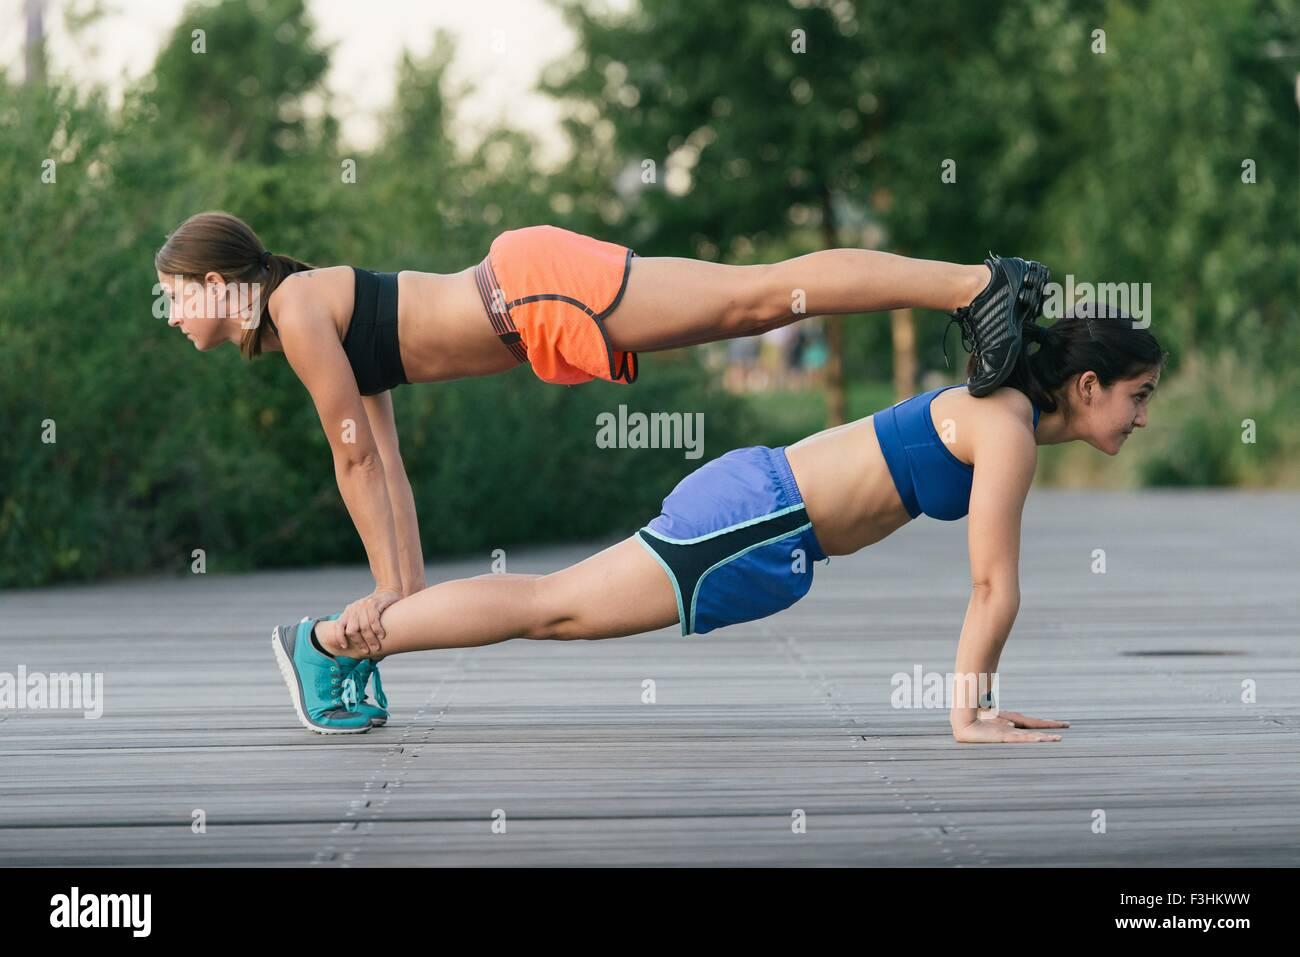 Zwei Freunde trainieren zusammen und helfen einander balancieren auf Push zurück zu tun USV Stockbild